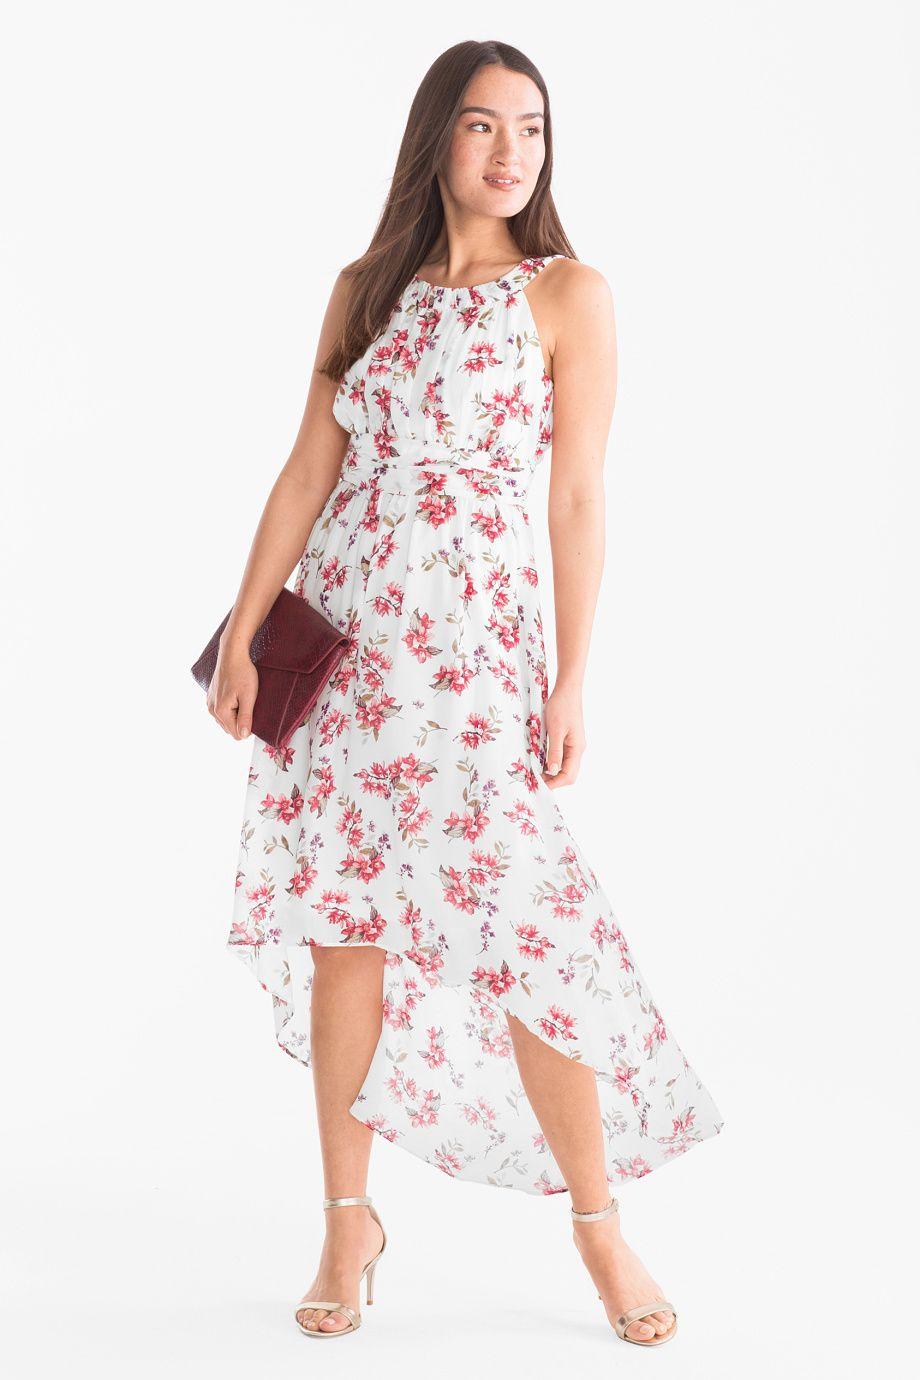 Flare Yessica Fitamp; 201900 verano Vestido En moda 2019 orCdxBe